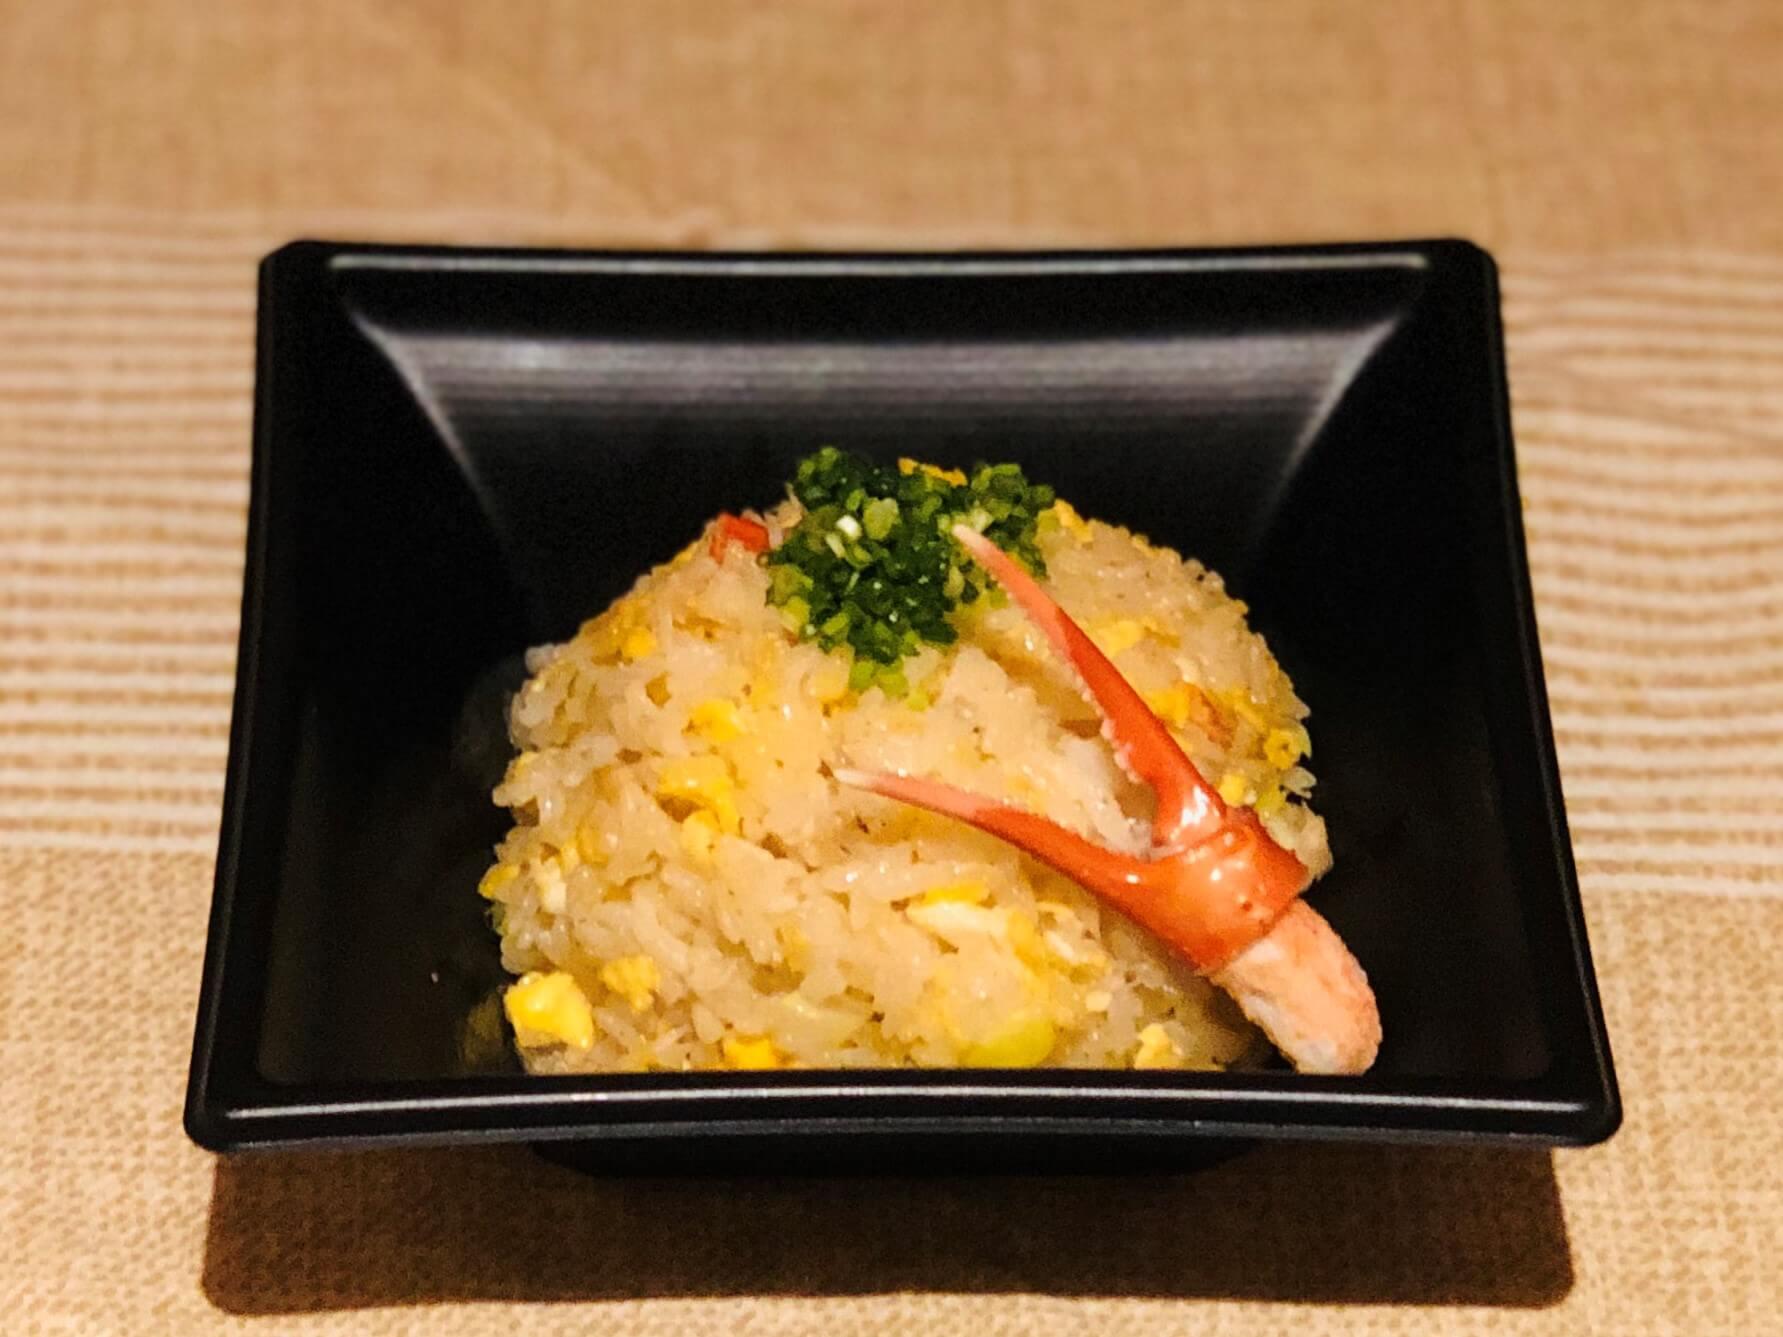 蟹の風味がたっぷり!和風の炒飯です。